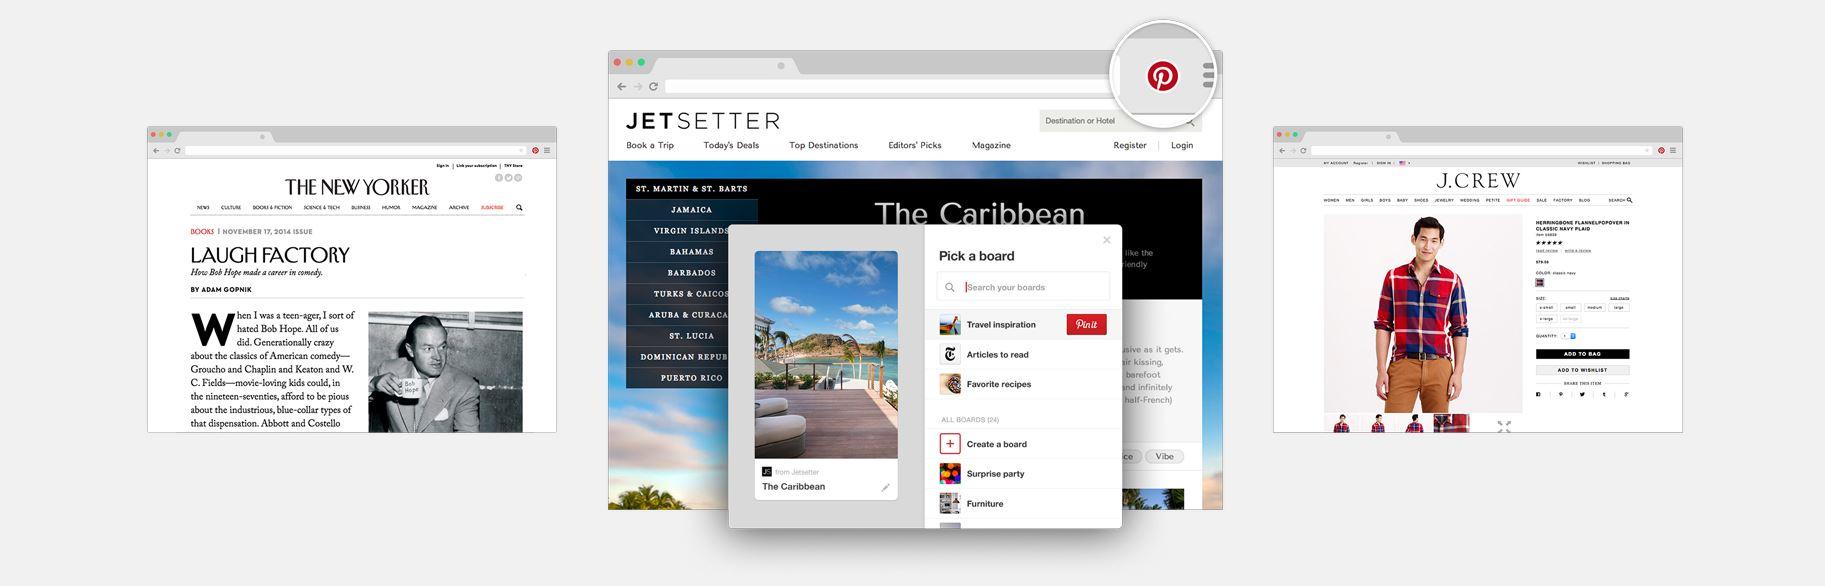 Pinterest e il pulsante per salvare le pagine e le immagini